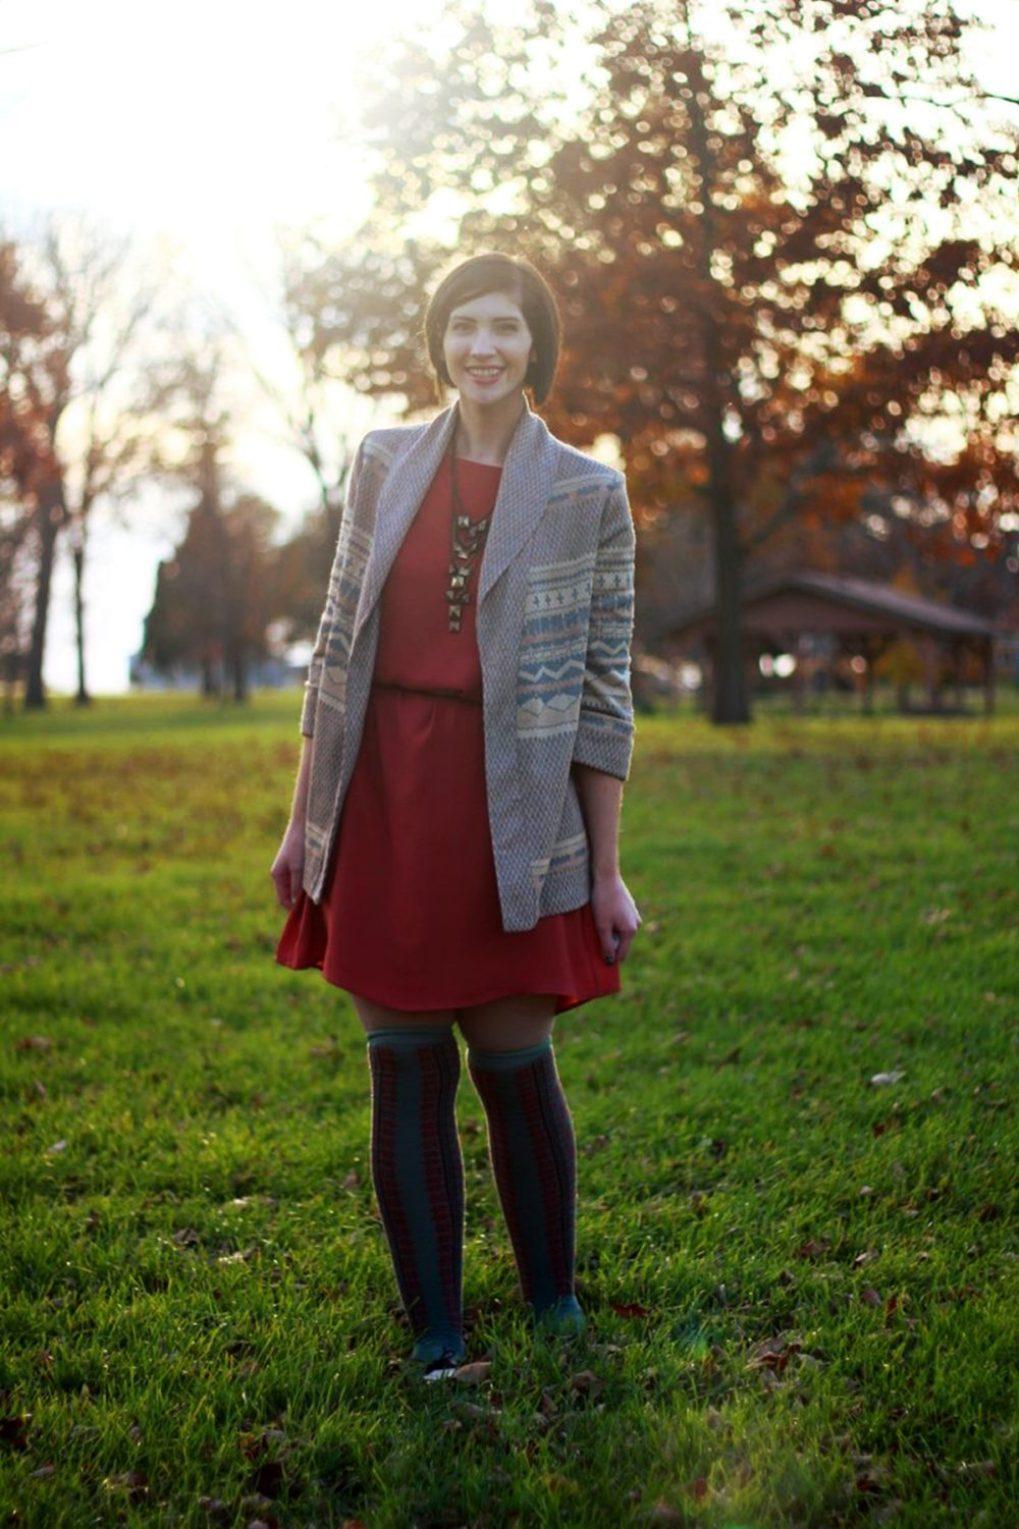 Outfit: Orange dress, beige belt, bronze necklace, patterned cardigan, otk colorful socks, brown flats